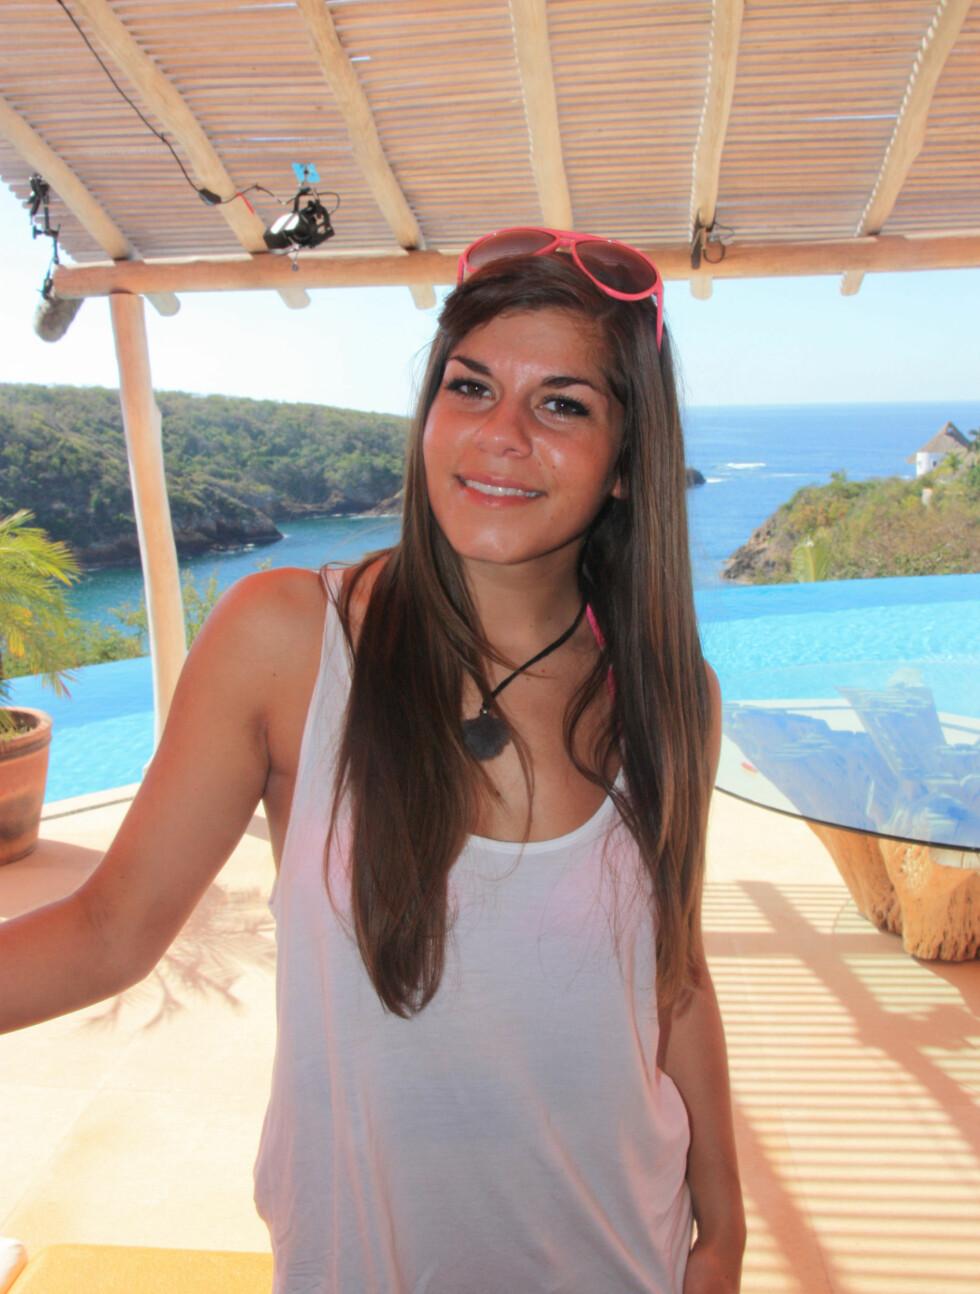 KLAR FOR PARADISE HOTEL: Kristin E. GJelsvik (25). Fra Bergen, bor i Oslo. Jobber som salgssjef. Foto: Sølve Hindhamar, Seher.no